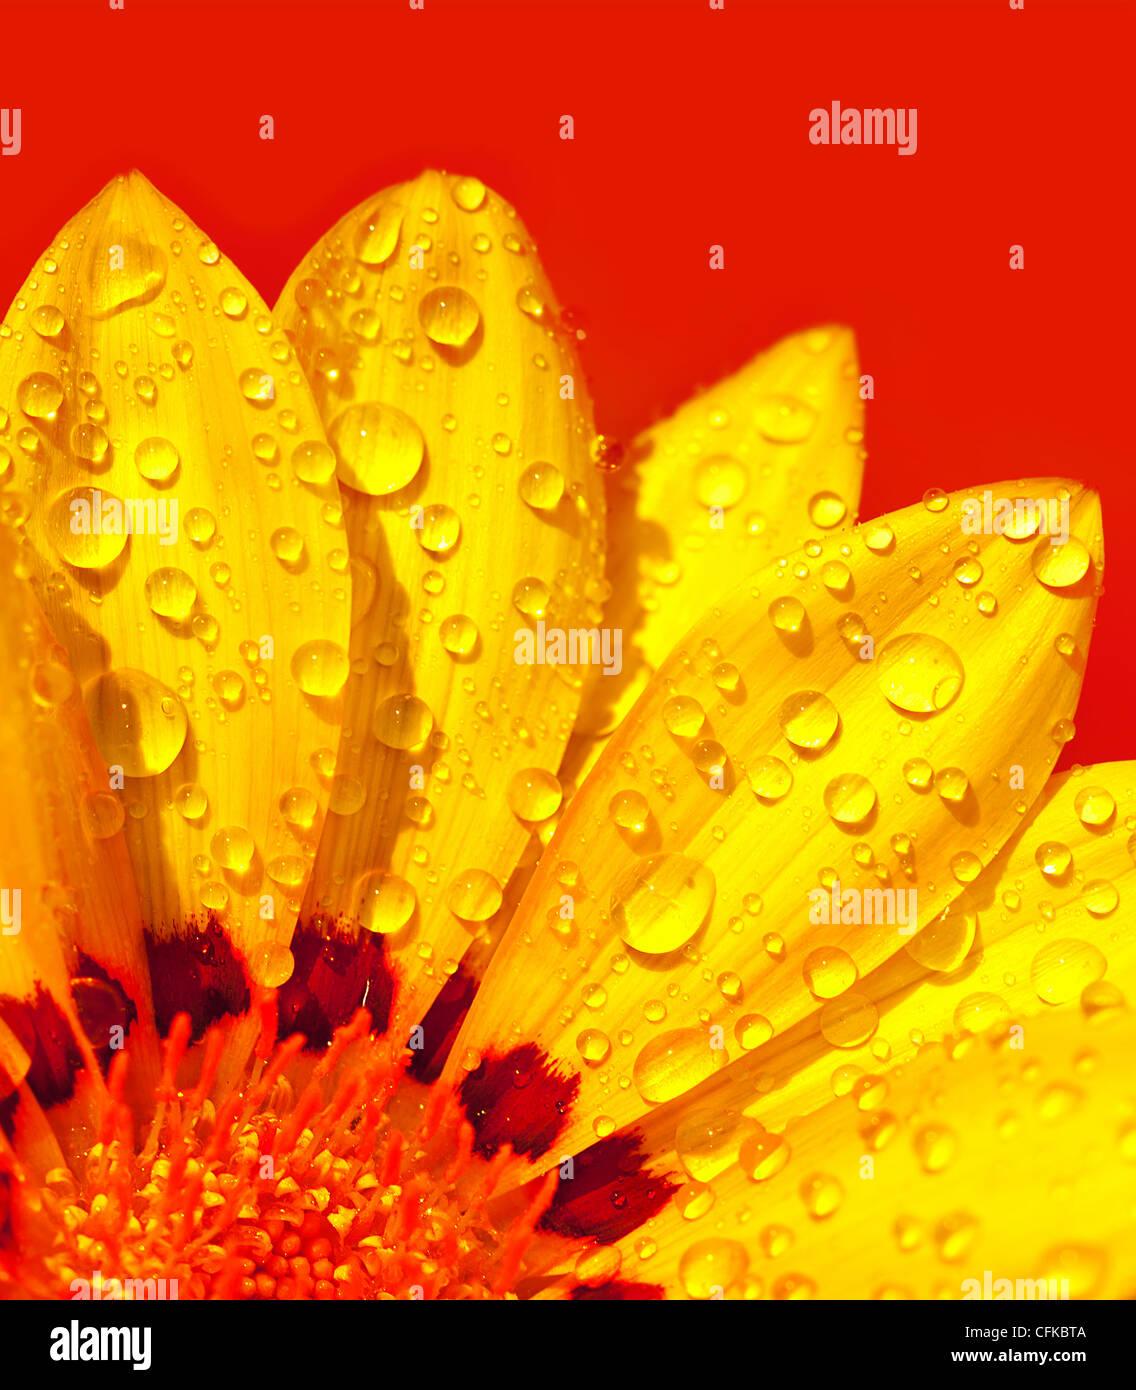 Abstrakte schöne Blume, bunten Blumen Hintergrund nass gelben Blütenblätter Grenze, Daisy Werk über Stockbild